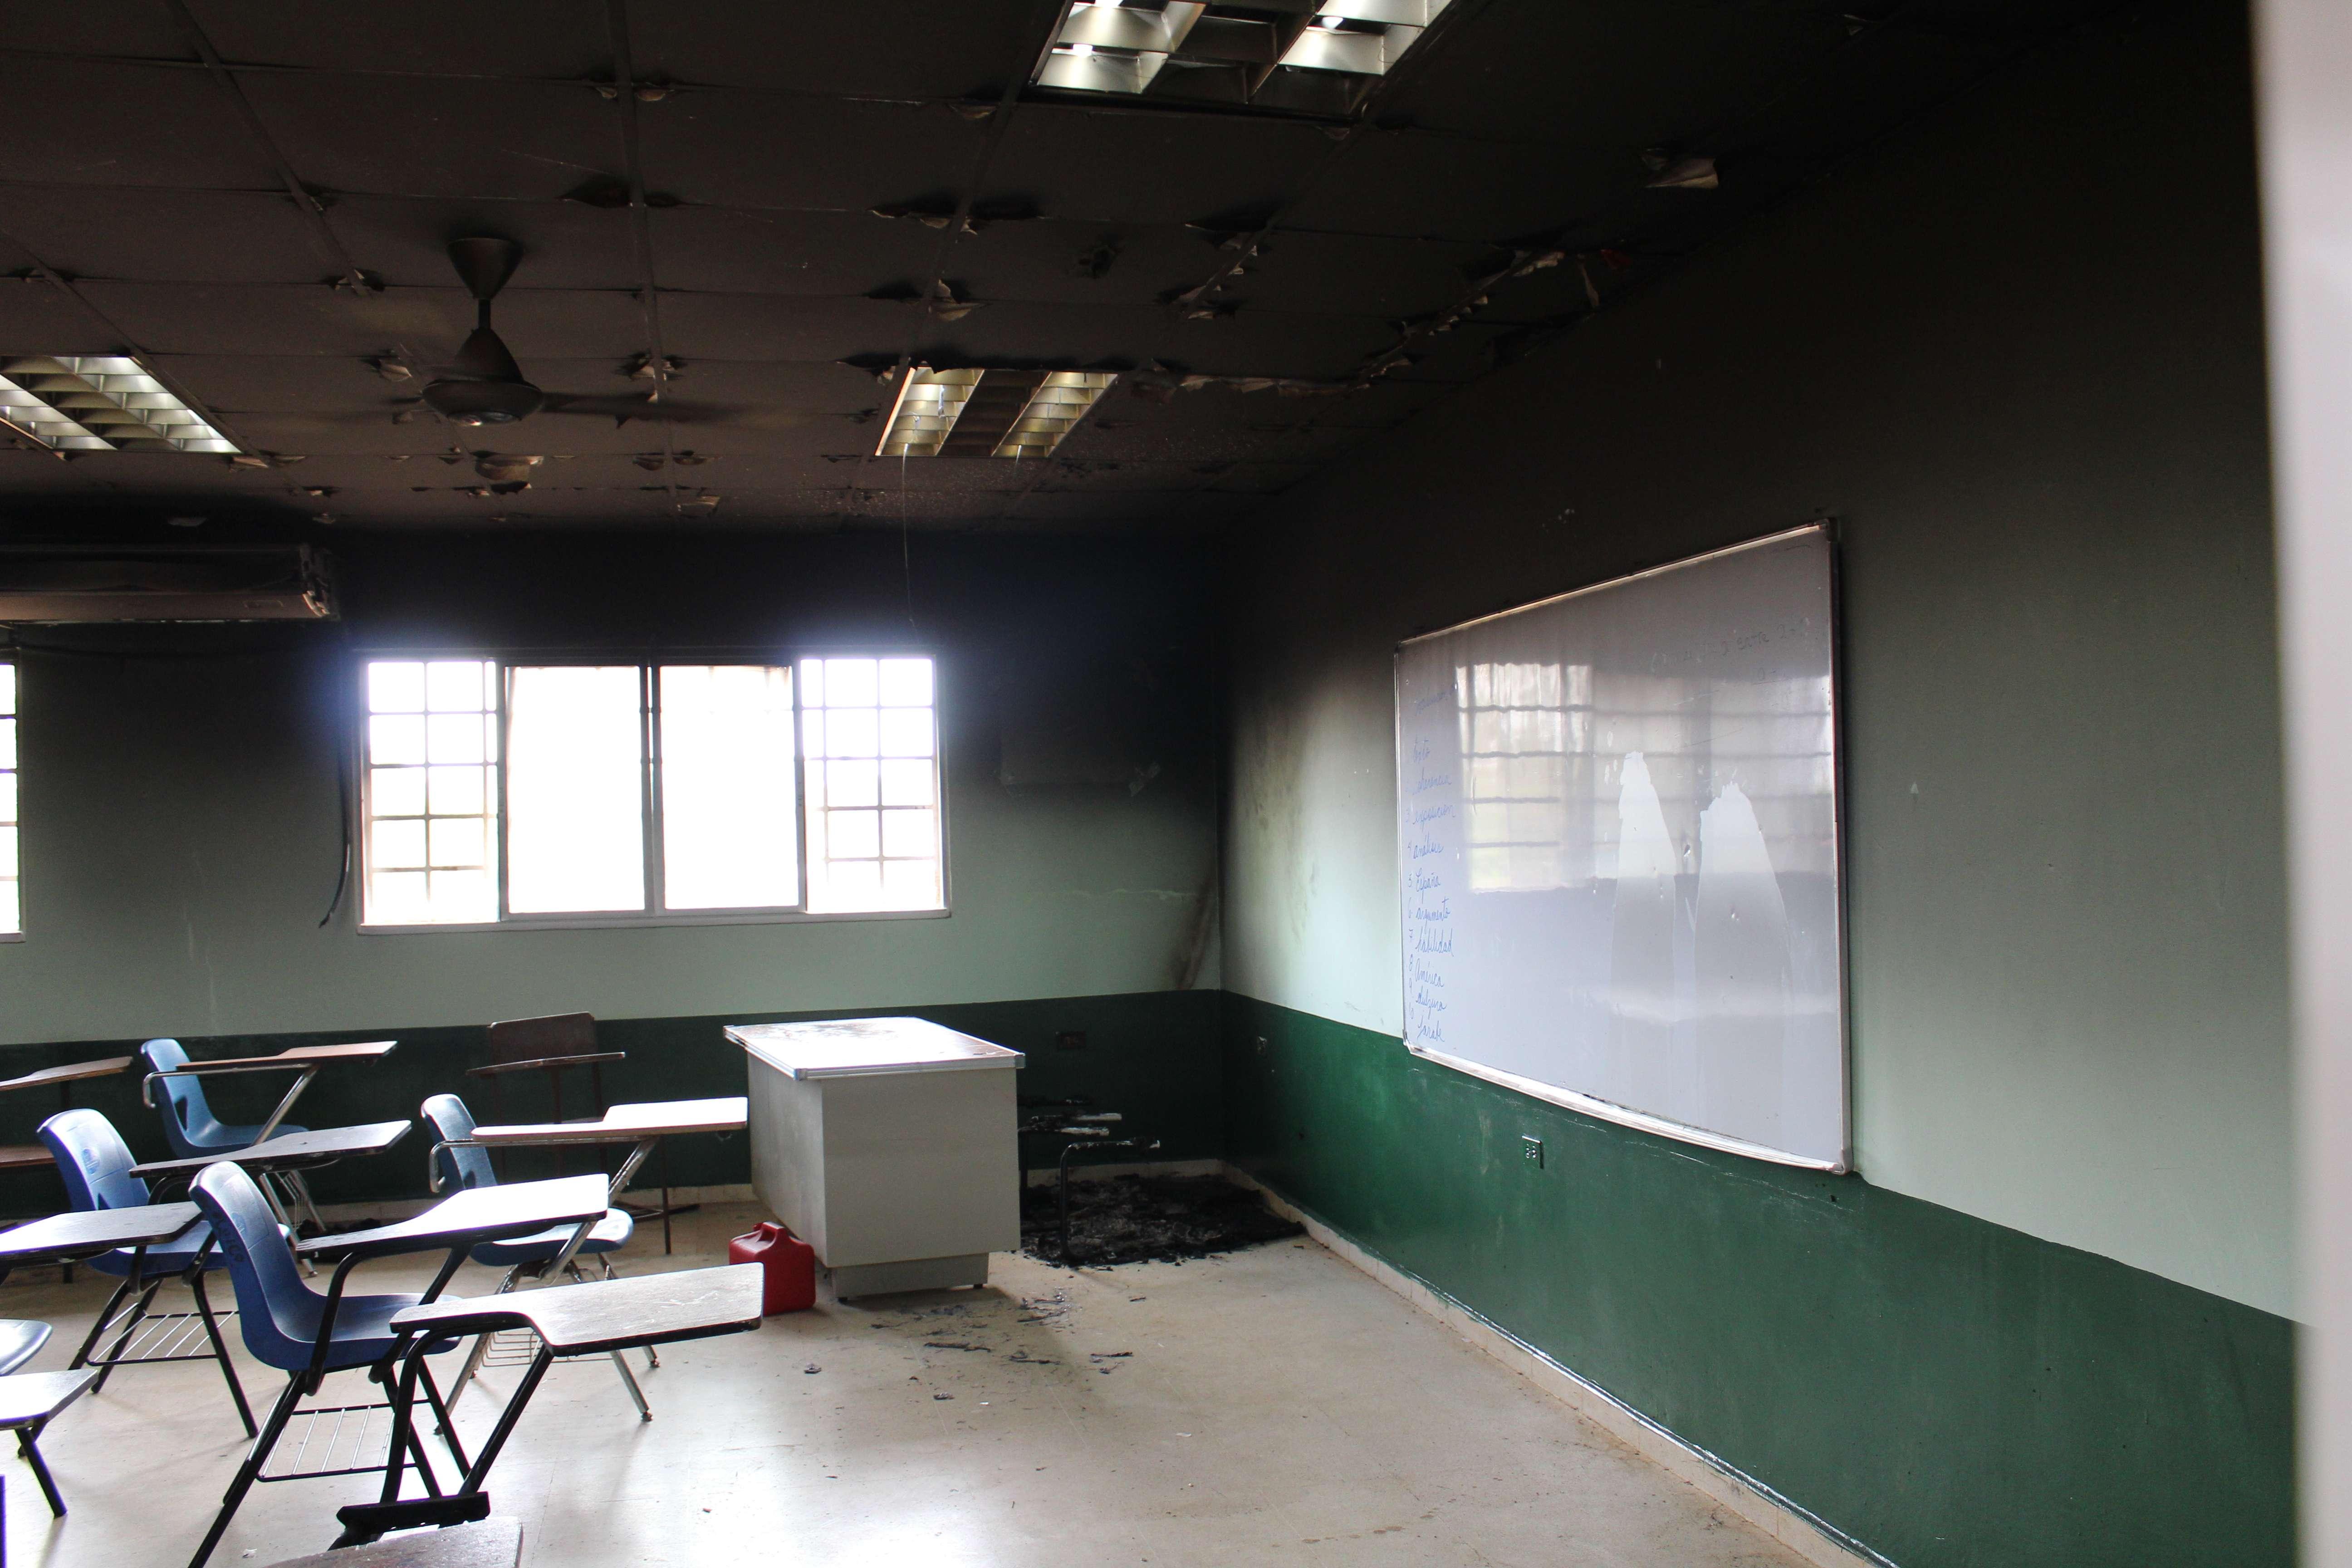 Vista general del aula afectada por el incendio. Foto: Eric Montenegro